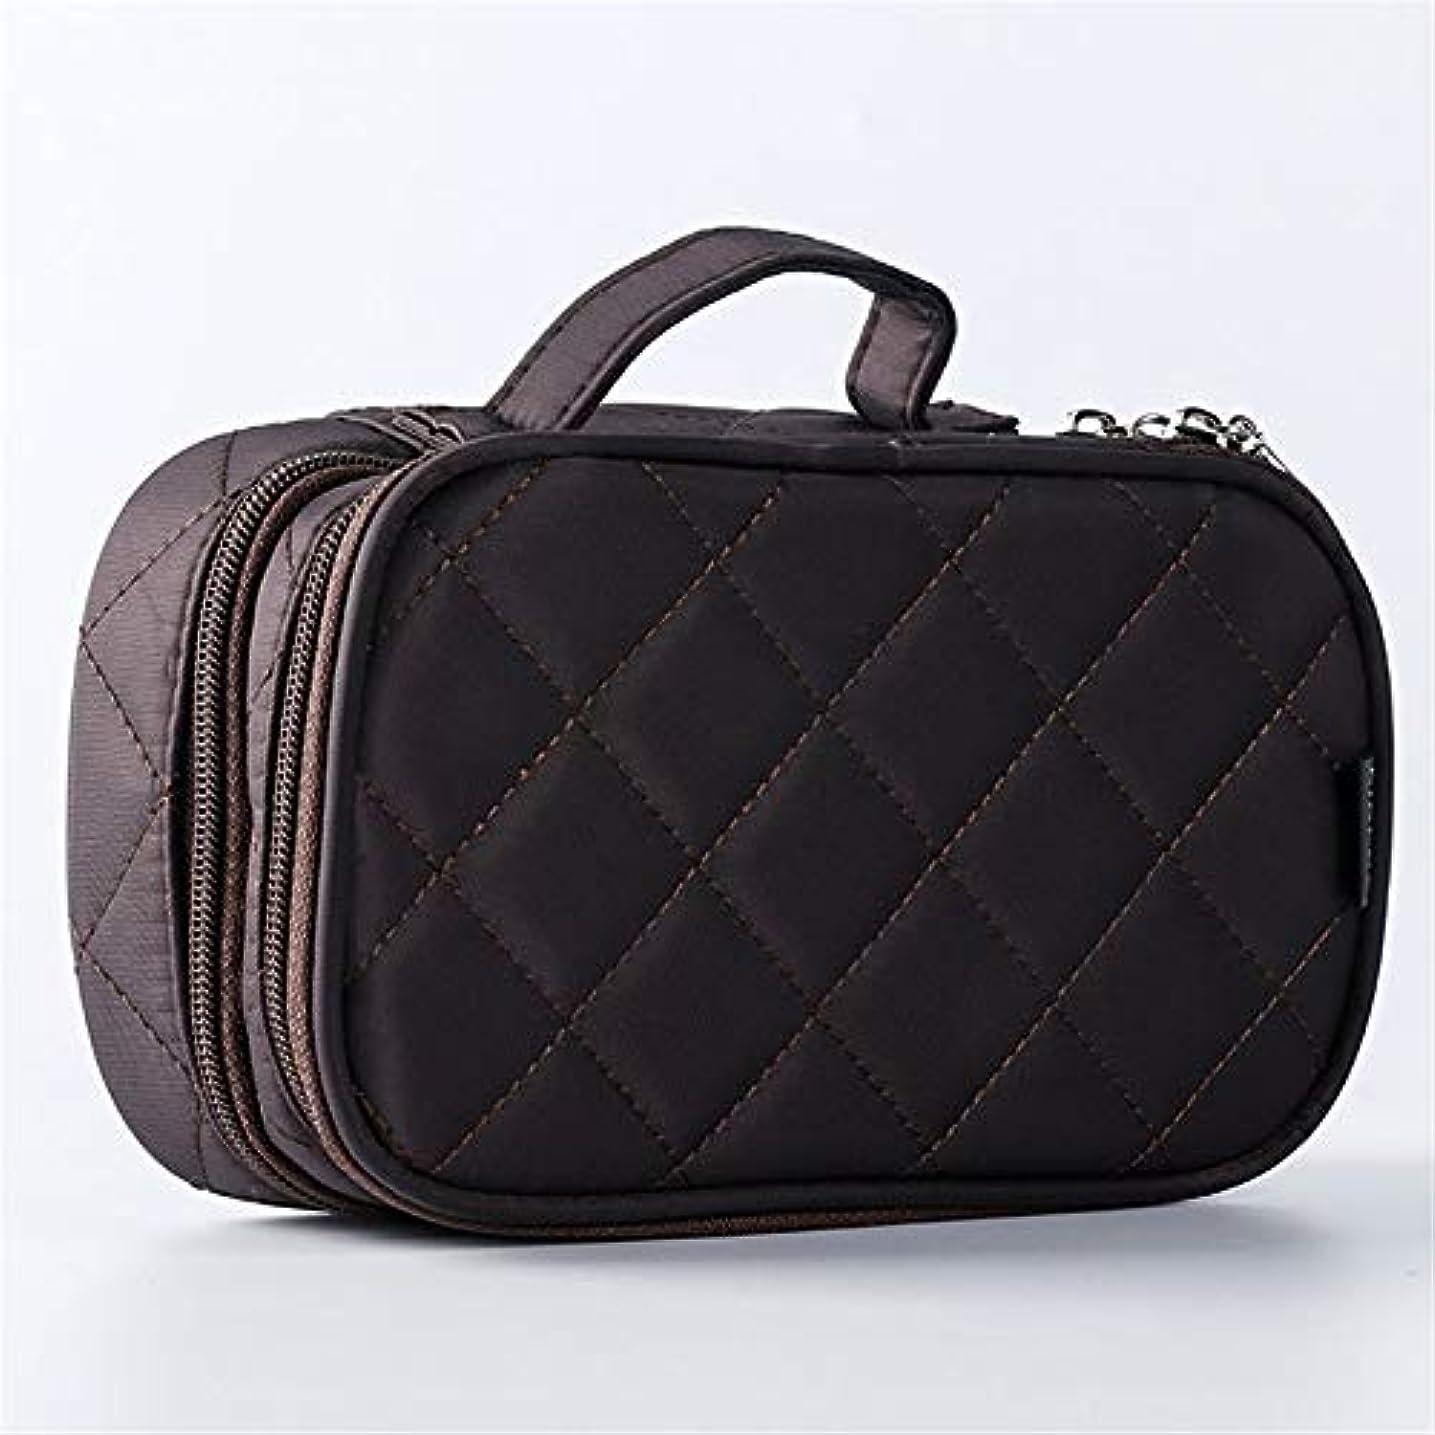 顕著警察署付属品特大スペース収納ビューティーボックス 旅行化粧品の箱、化粧品の箱およびコンパートメントが付いている専門の化粧品の化粧品袋の収納箱、透明で透明な網。 化粧品化粧台 (色 : 褐色)